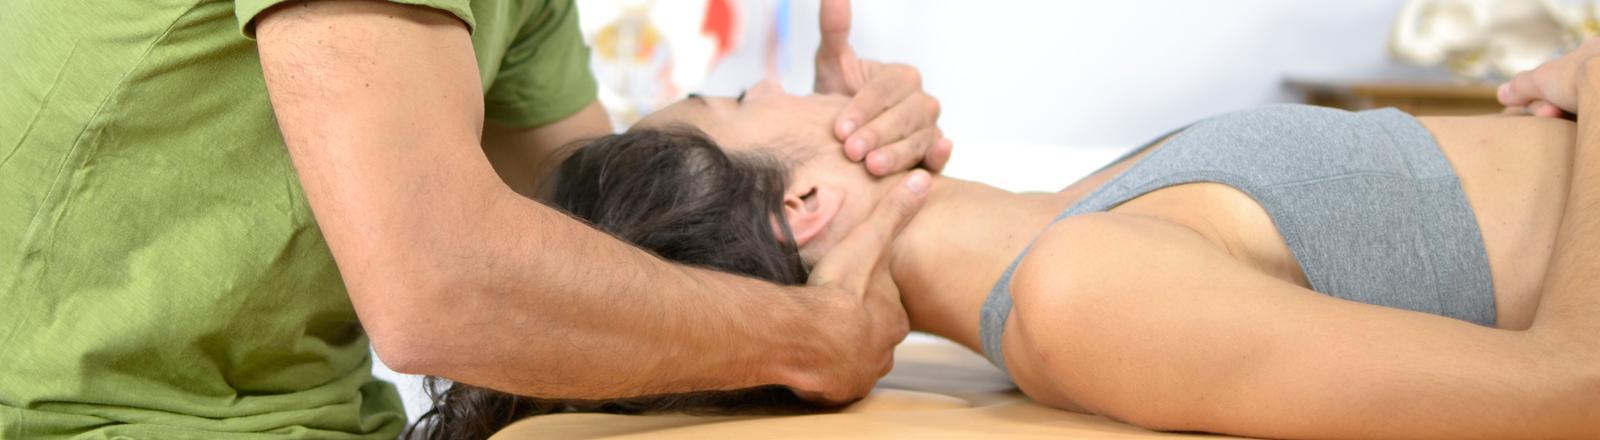 cabecera fisioclinics logroño fisioterapia